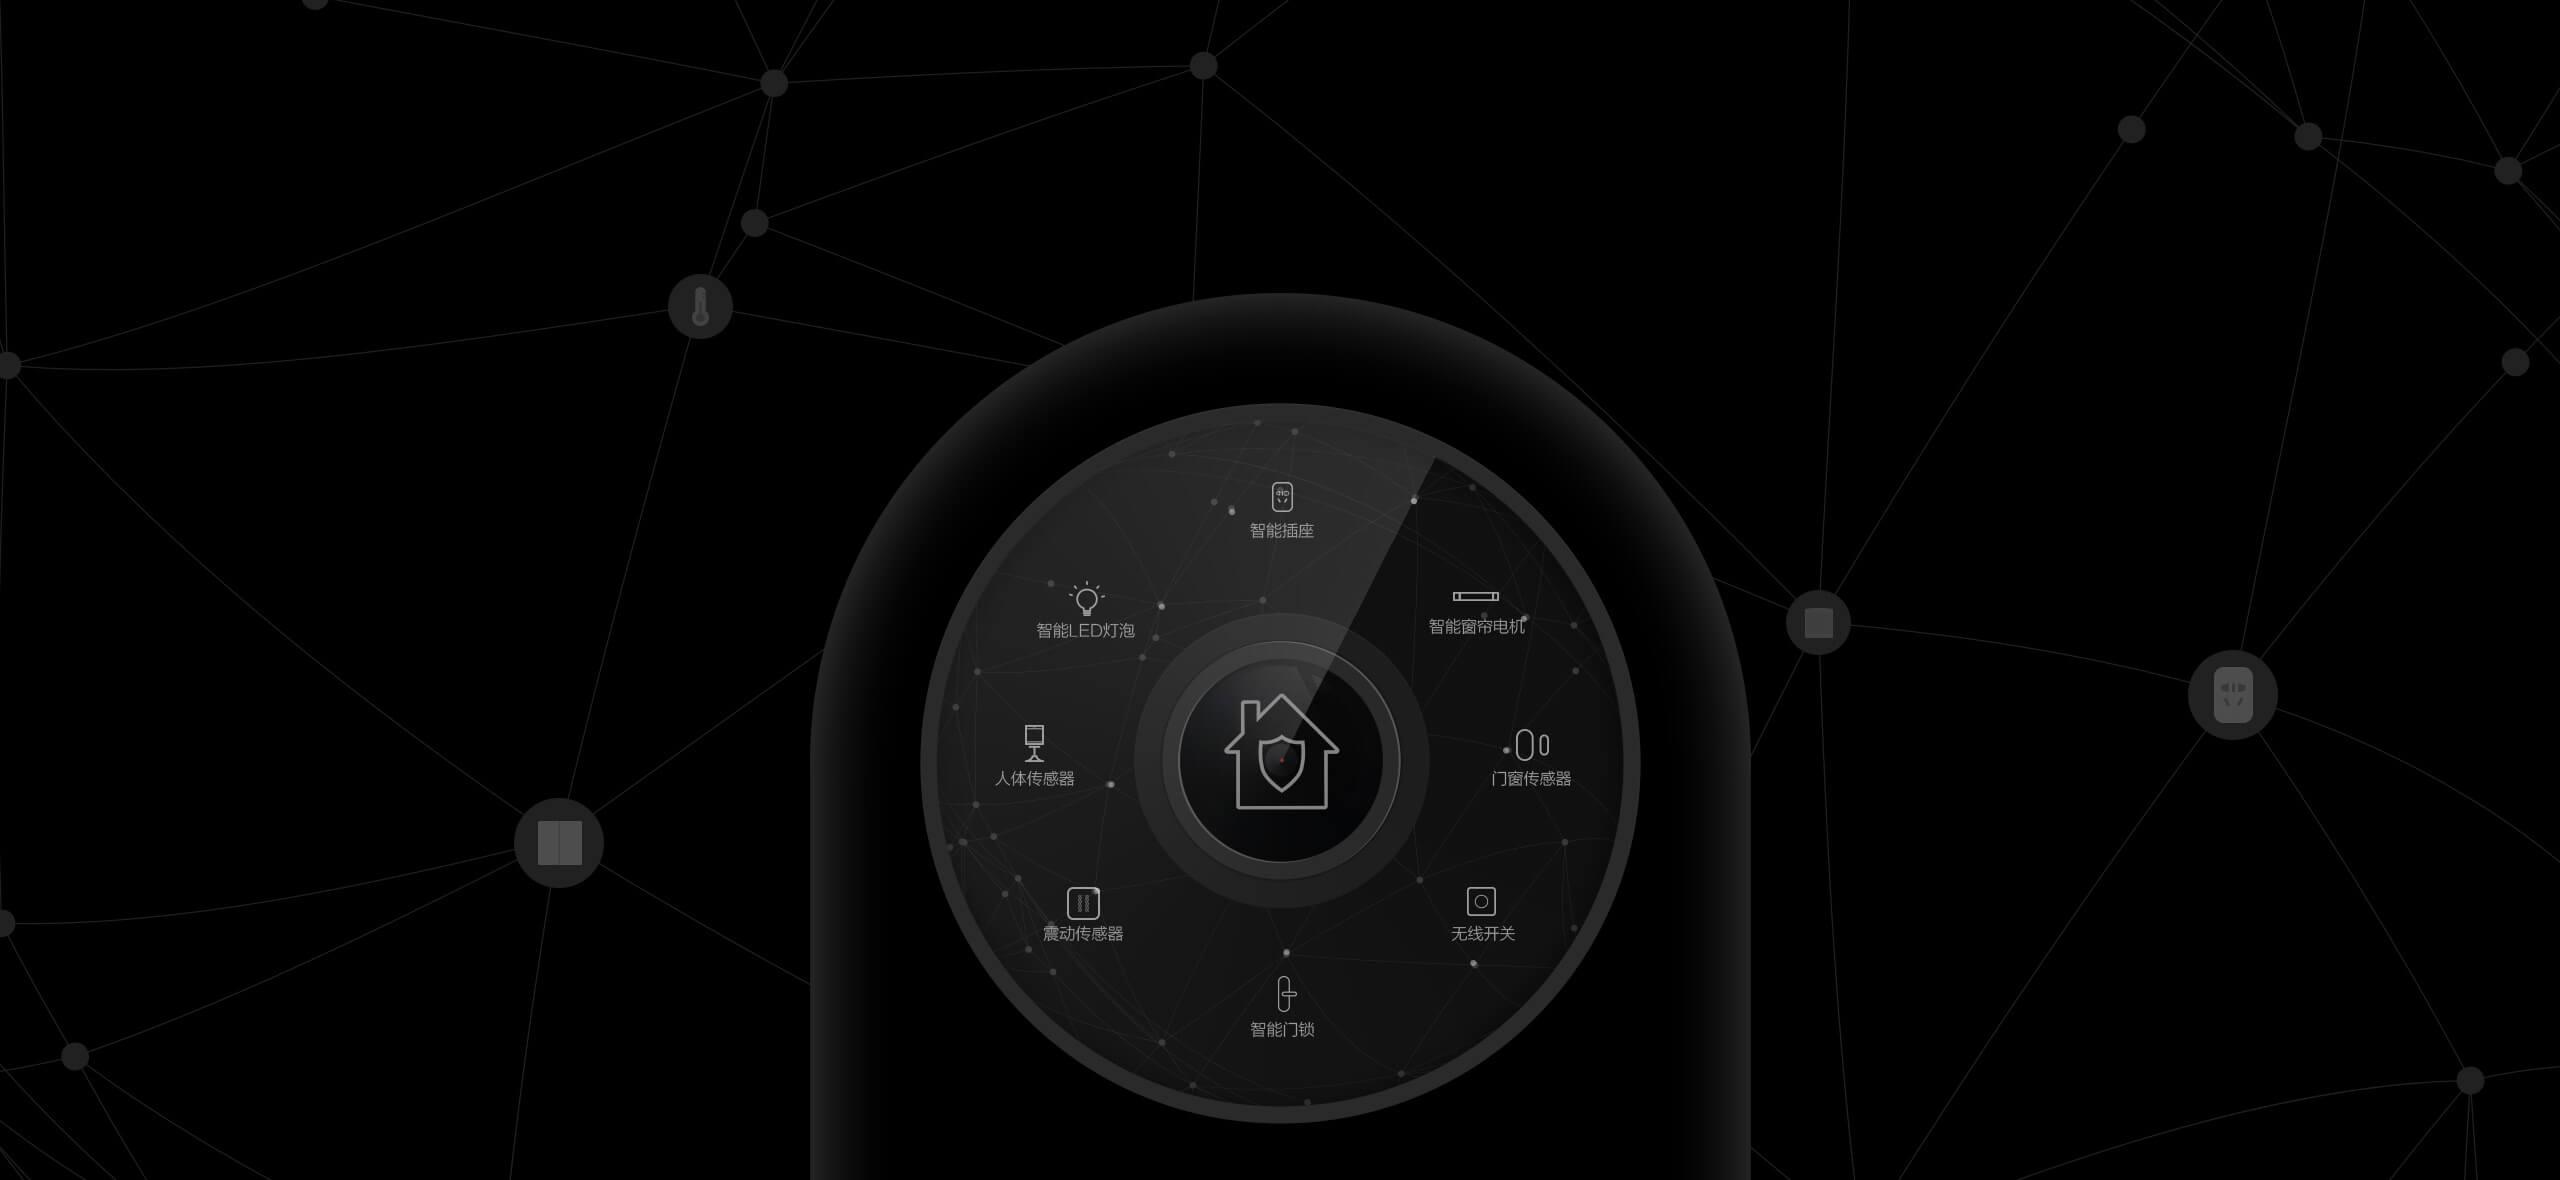 Aqara 智能摄像机 G2 - 智能家庭控制中心